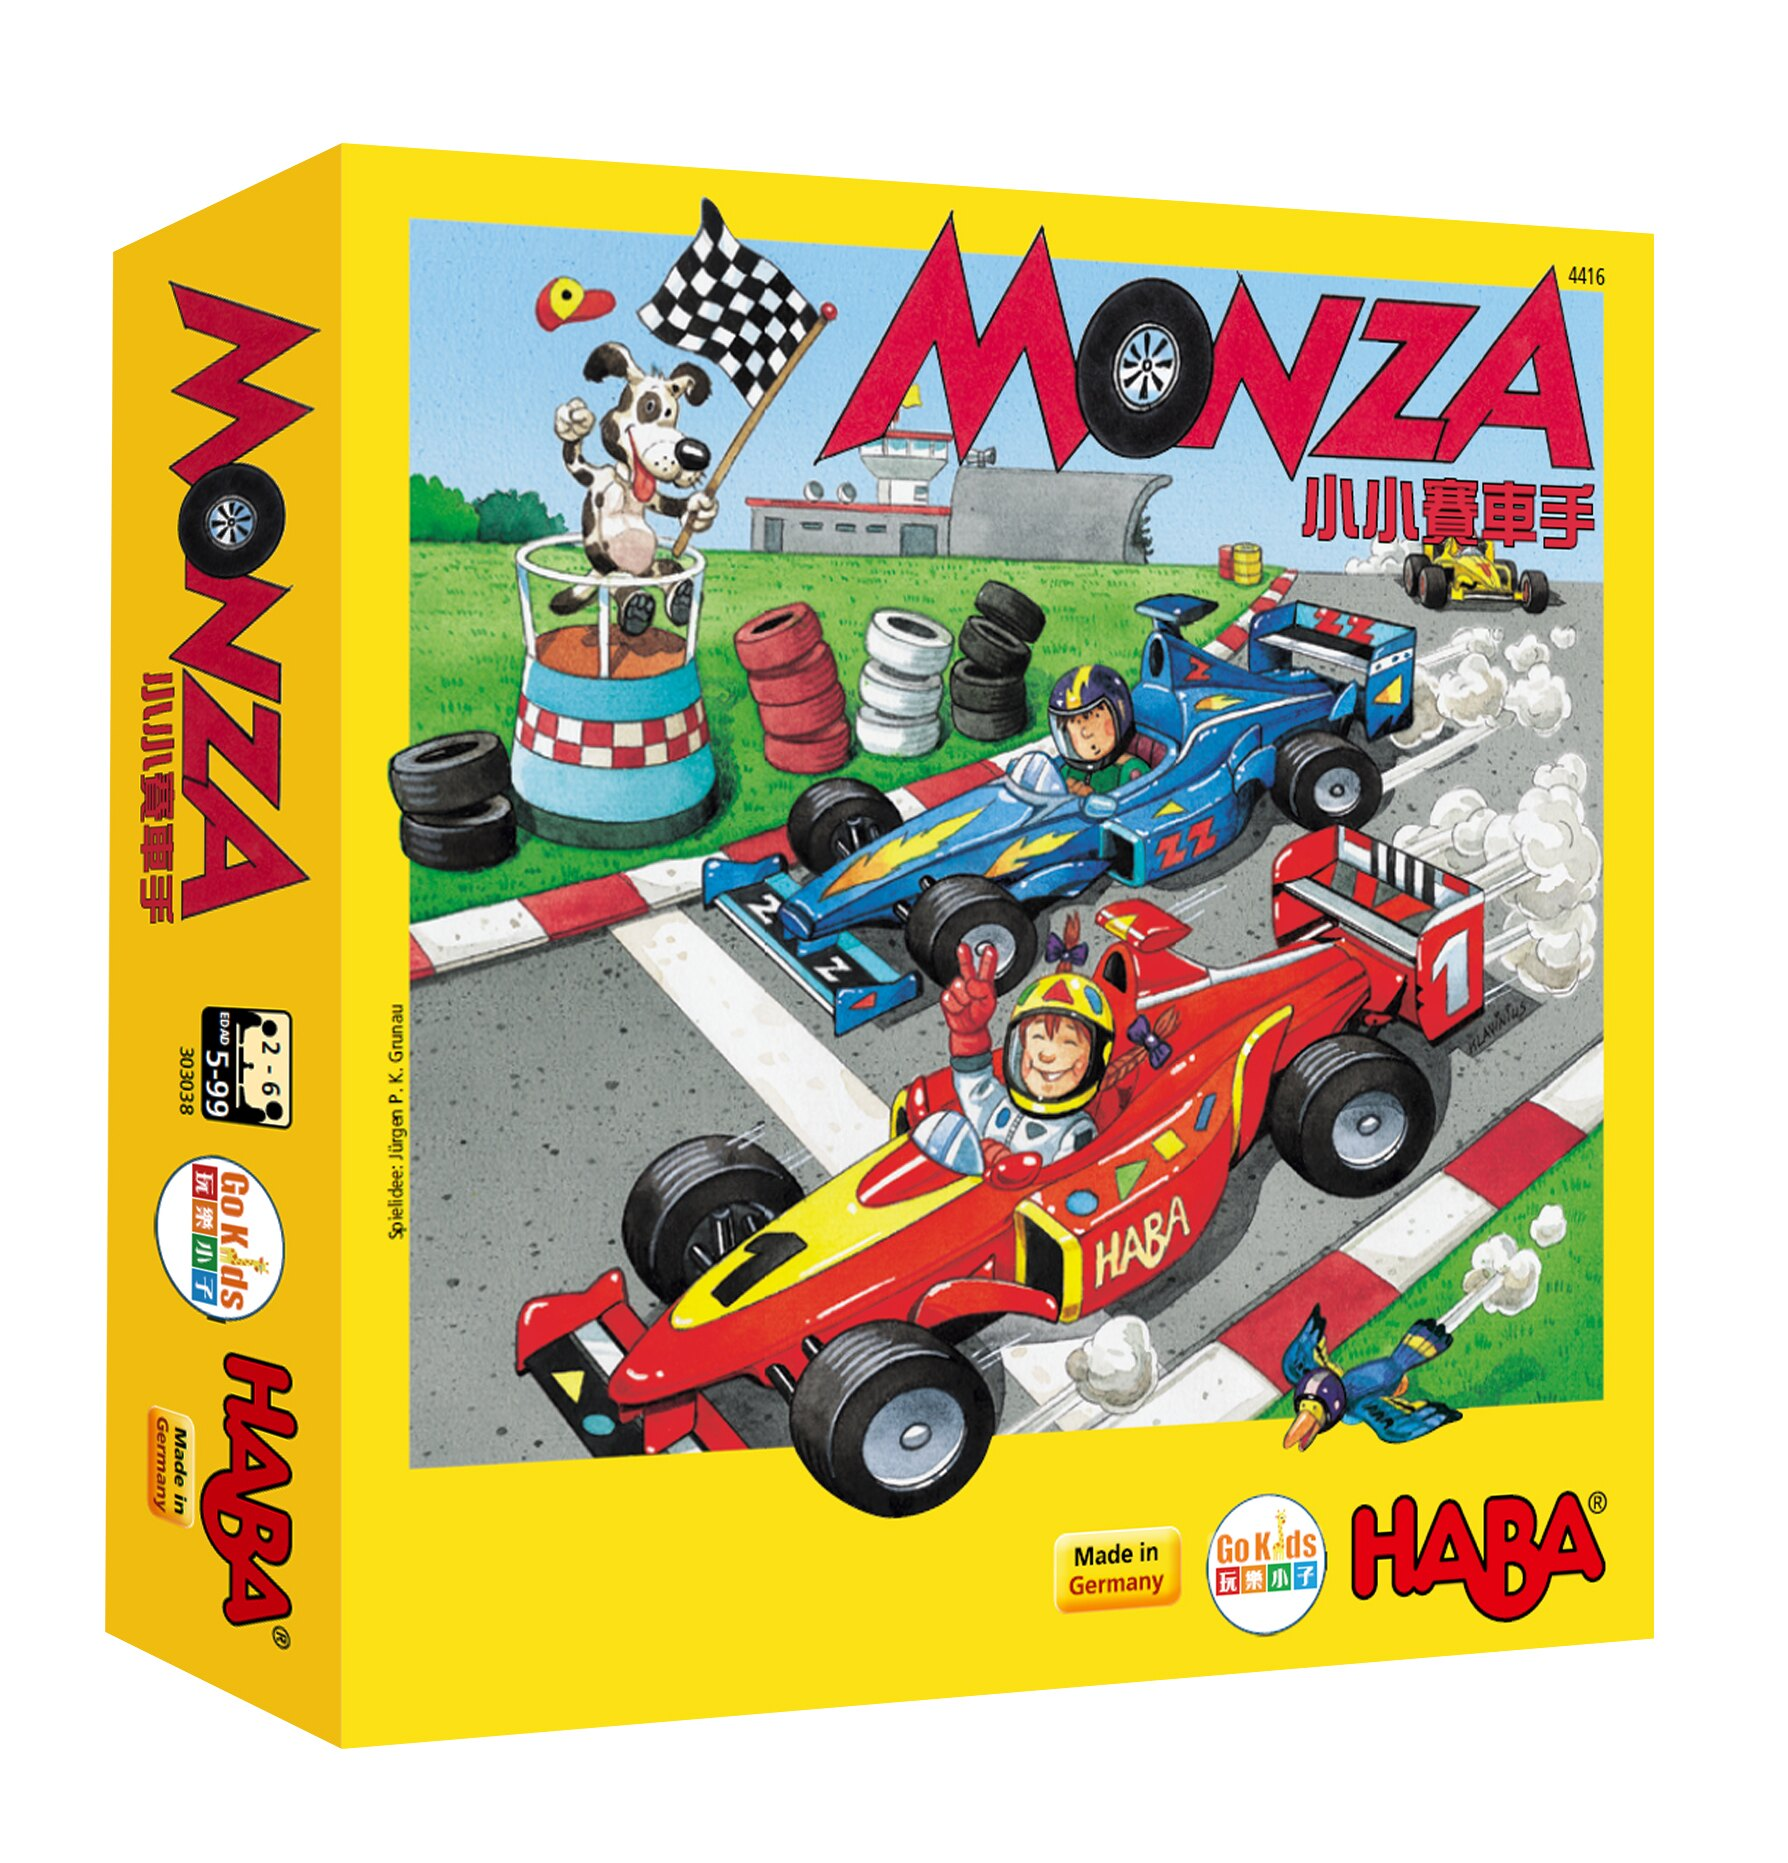 含稅附發票 小小賽車手 繁中版 Monza 方舟風雲會益智桌遊 實體店正版